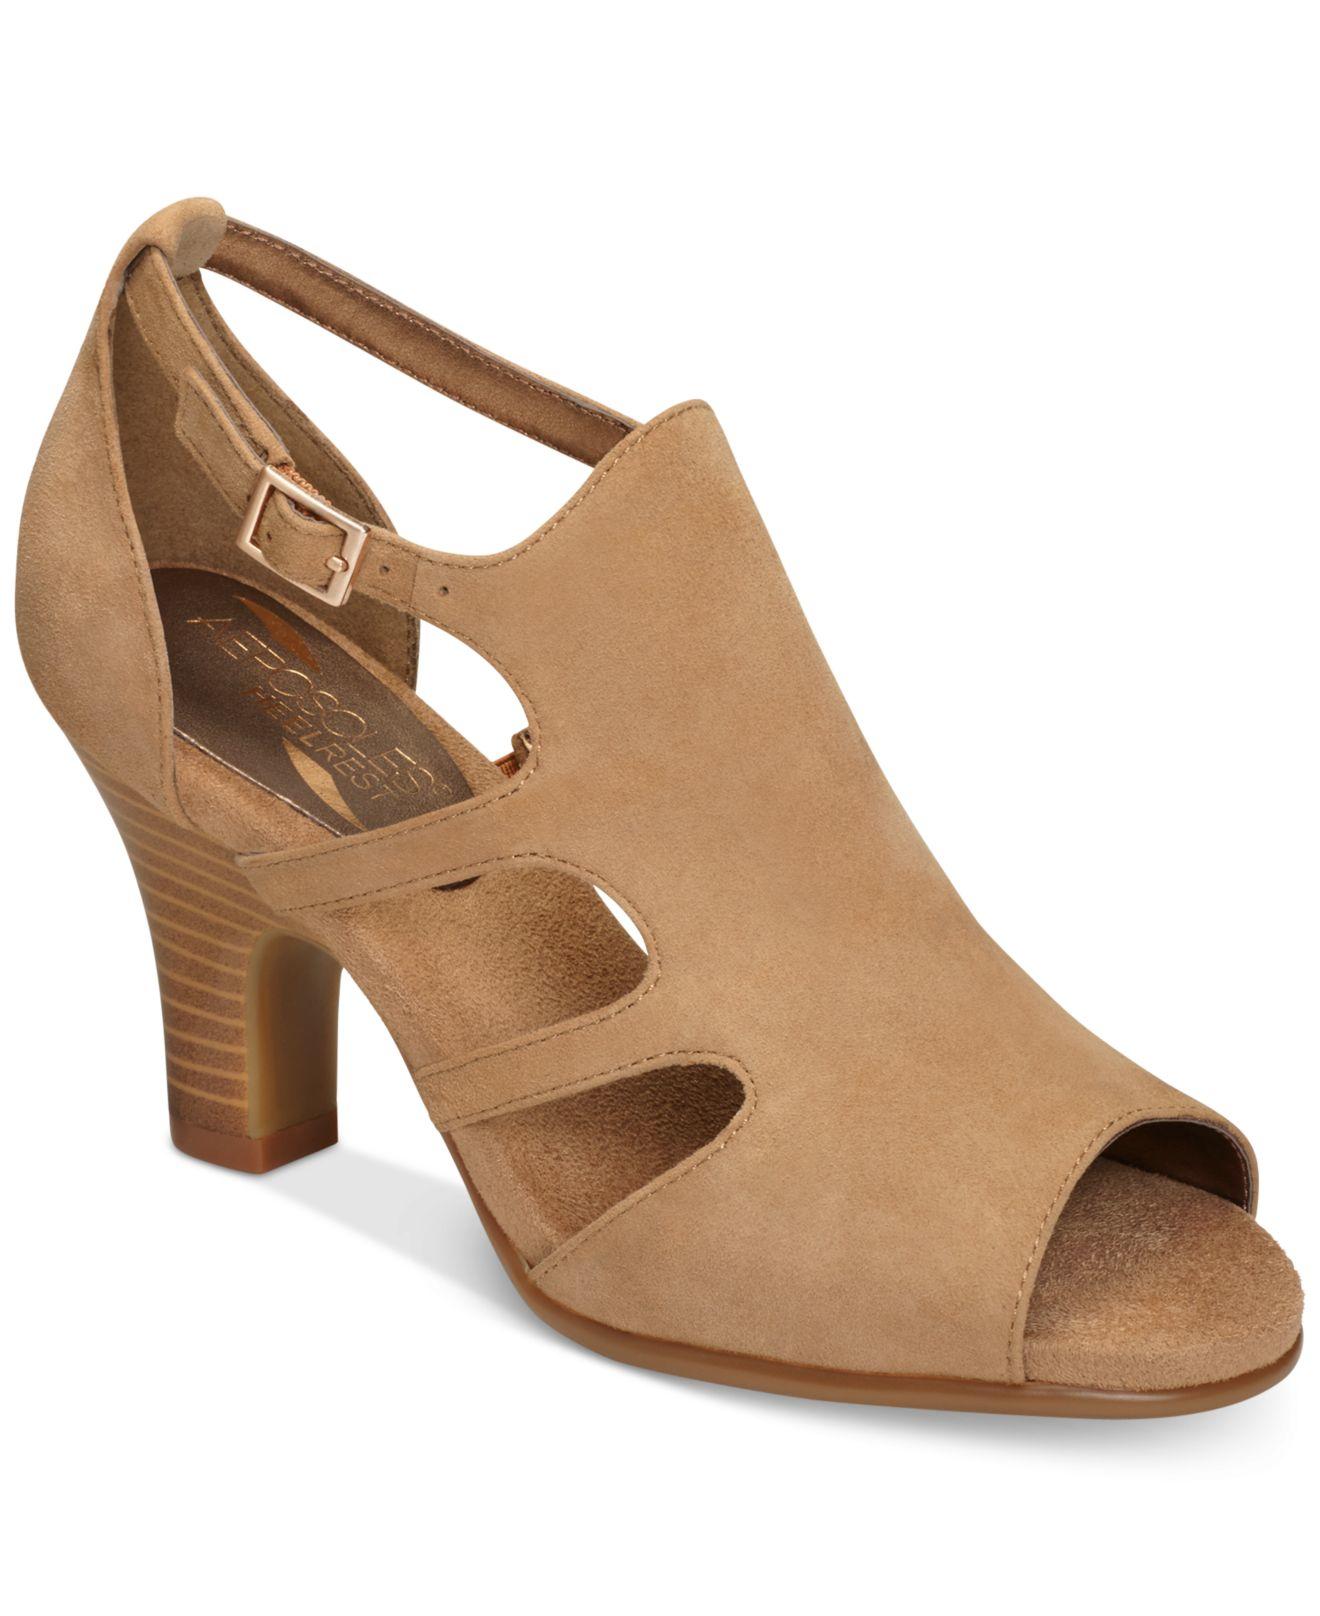 Bandolino Brown Dress Shoes